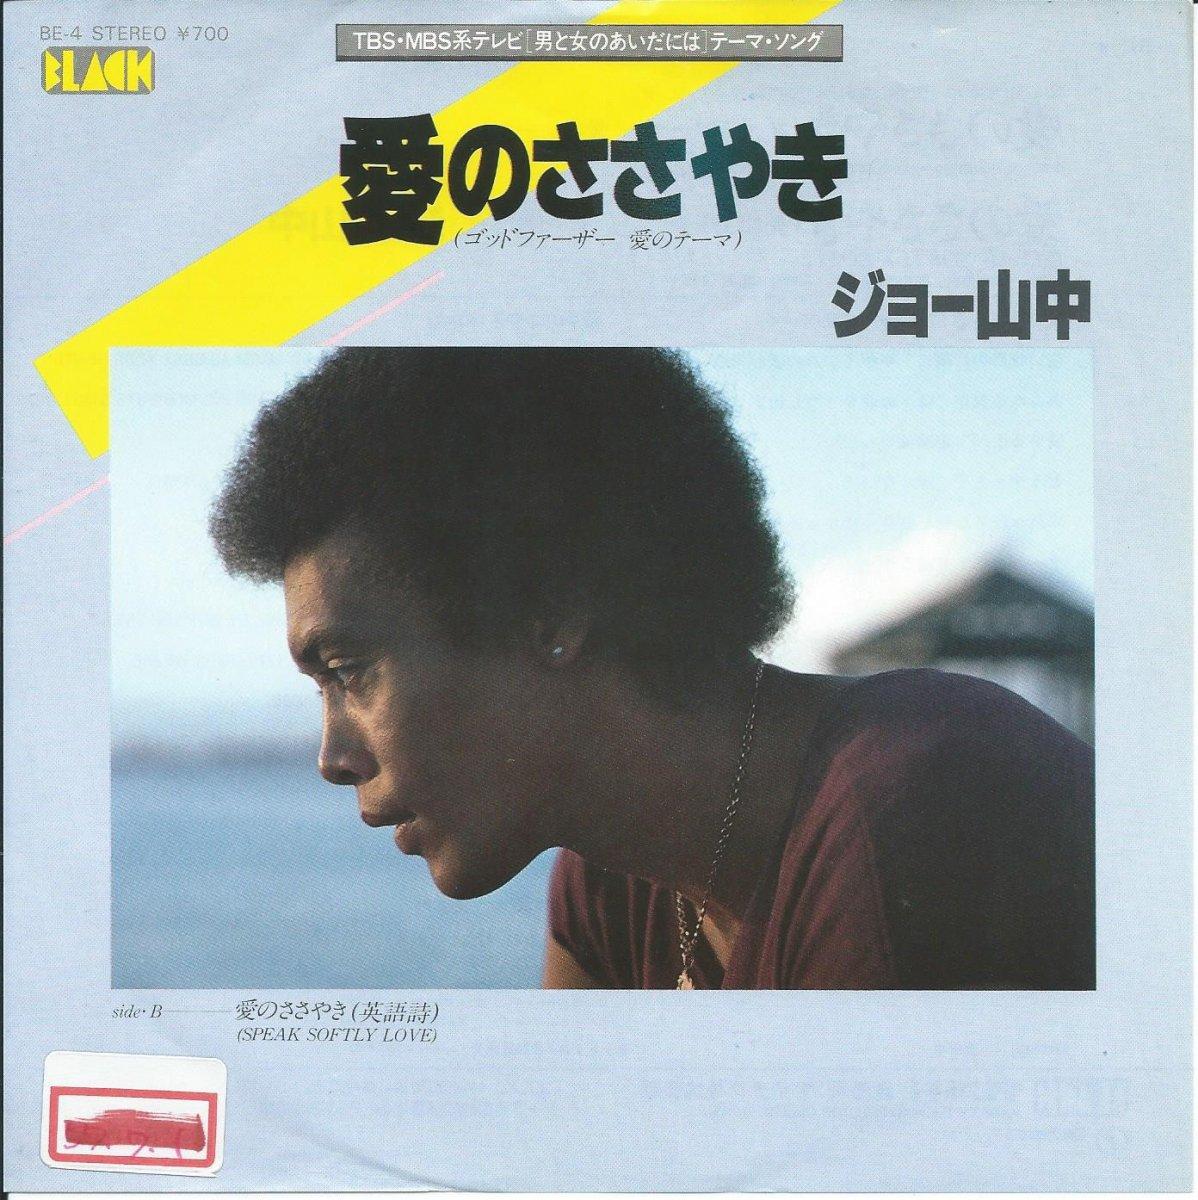 ジョー・山中 JOE YAMANAKA / 愛のささやき (ゴッドファアーザー愛のテーマ) (「男と女のあいだには」テーマ・ソング) (7